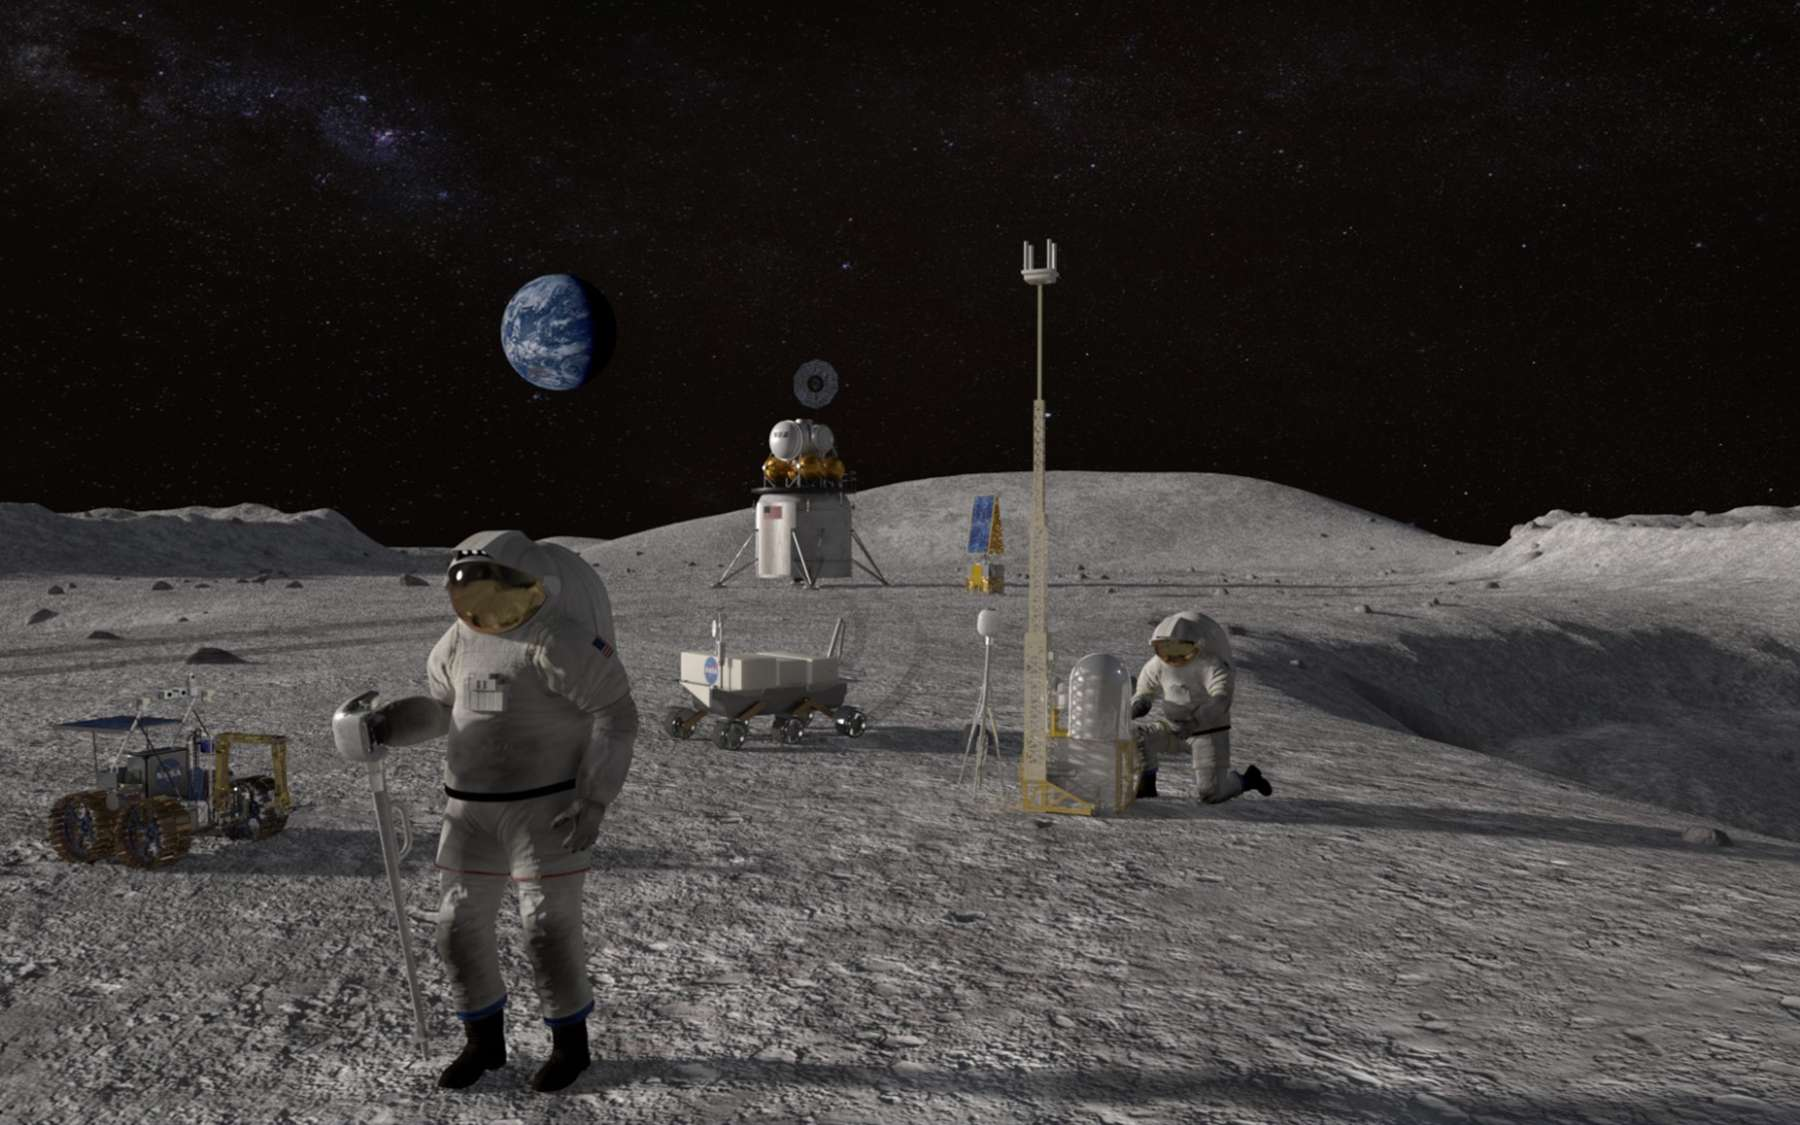 Aitken, un supercalculateur pour faire atterrir des humains sur la Lune